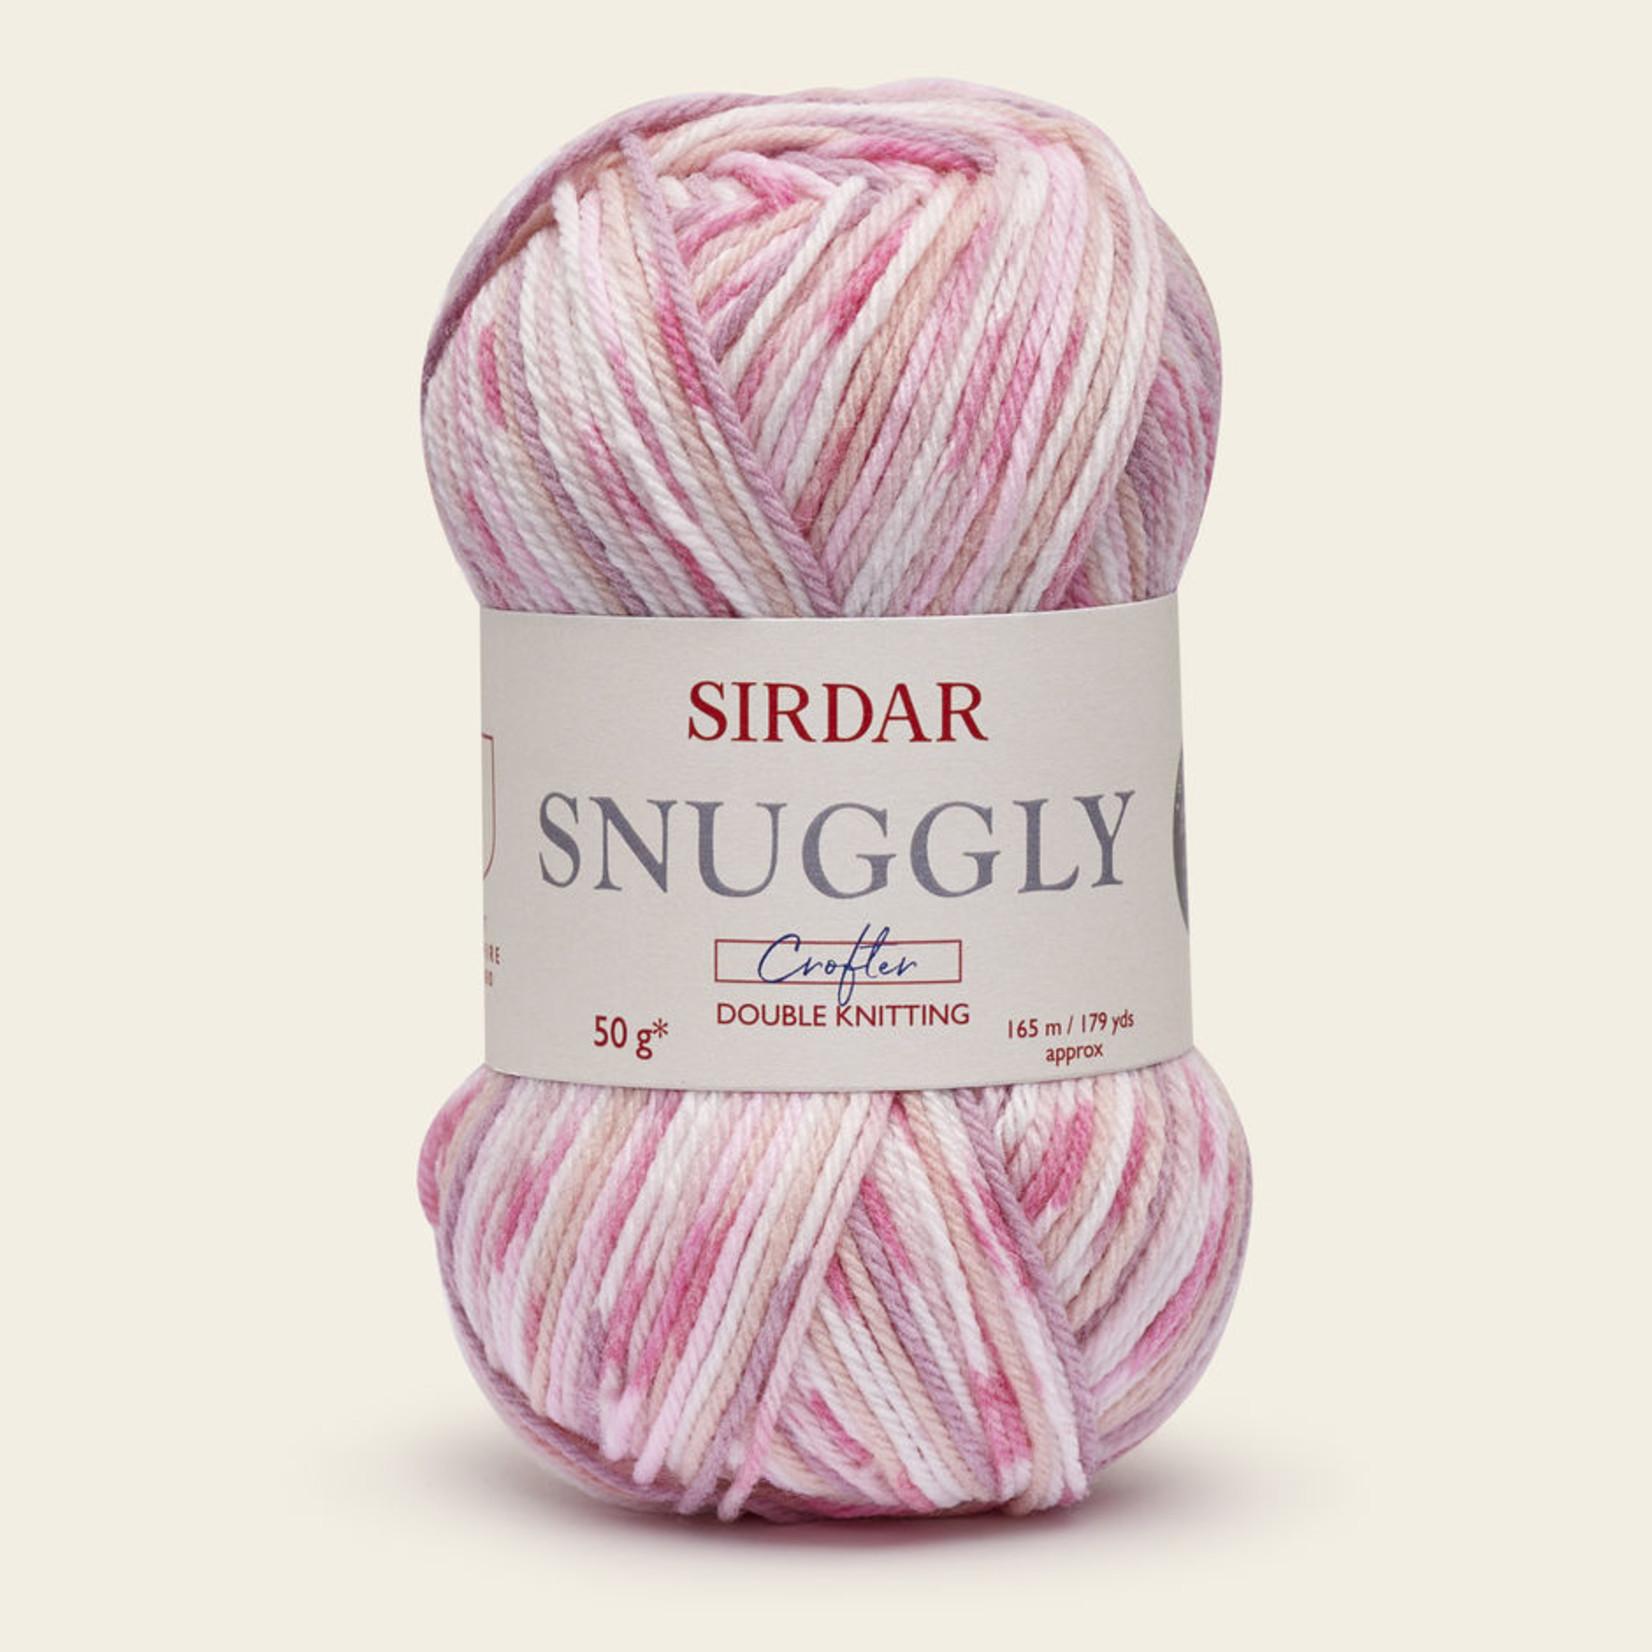 Sirdar Sirdar Snuggly Crofter DK - Baby Fair Isle Effect